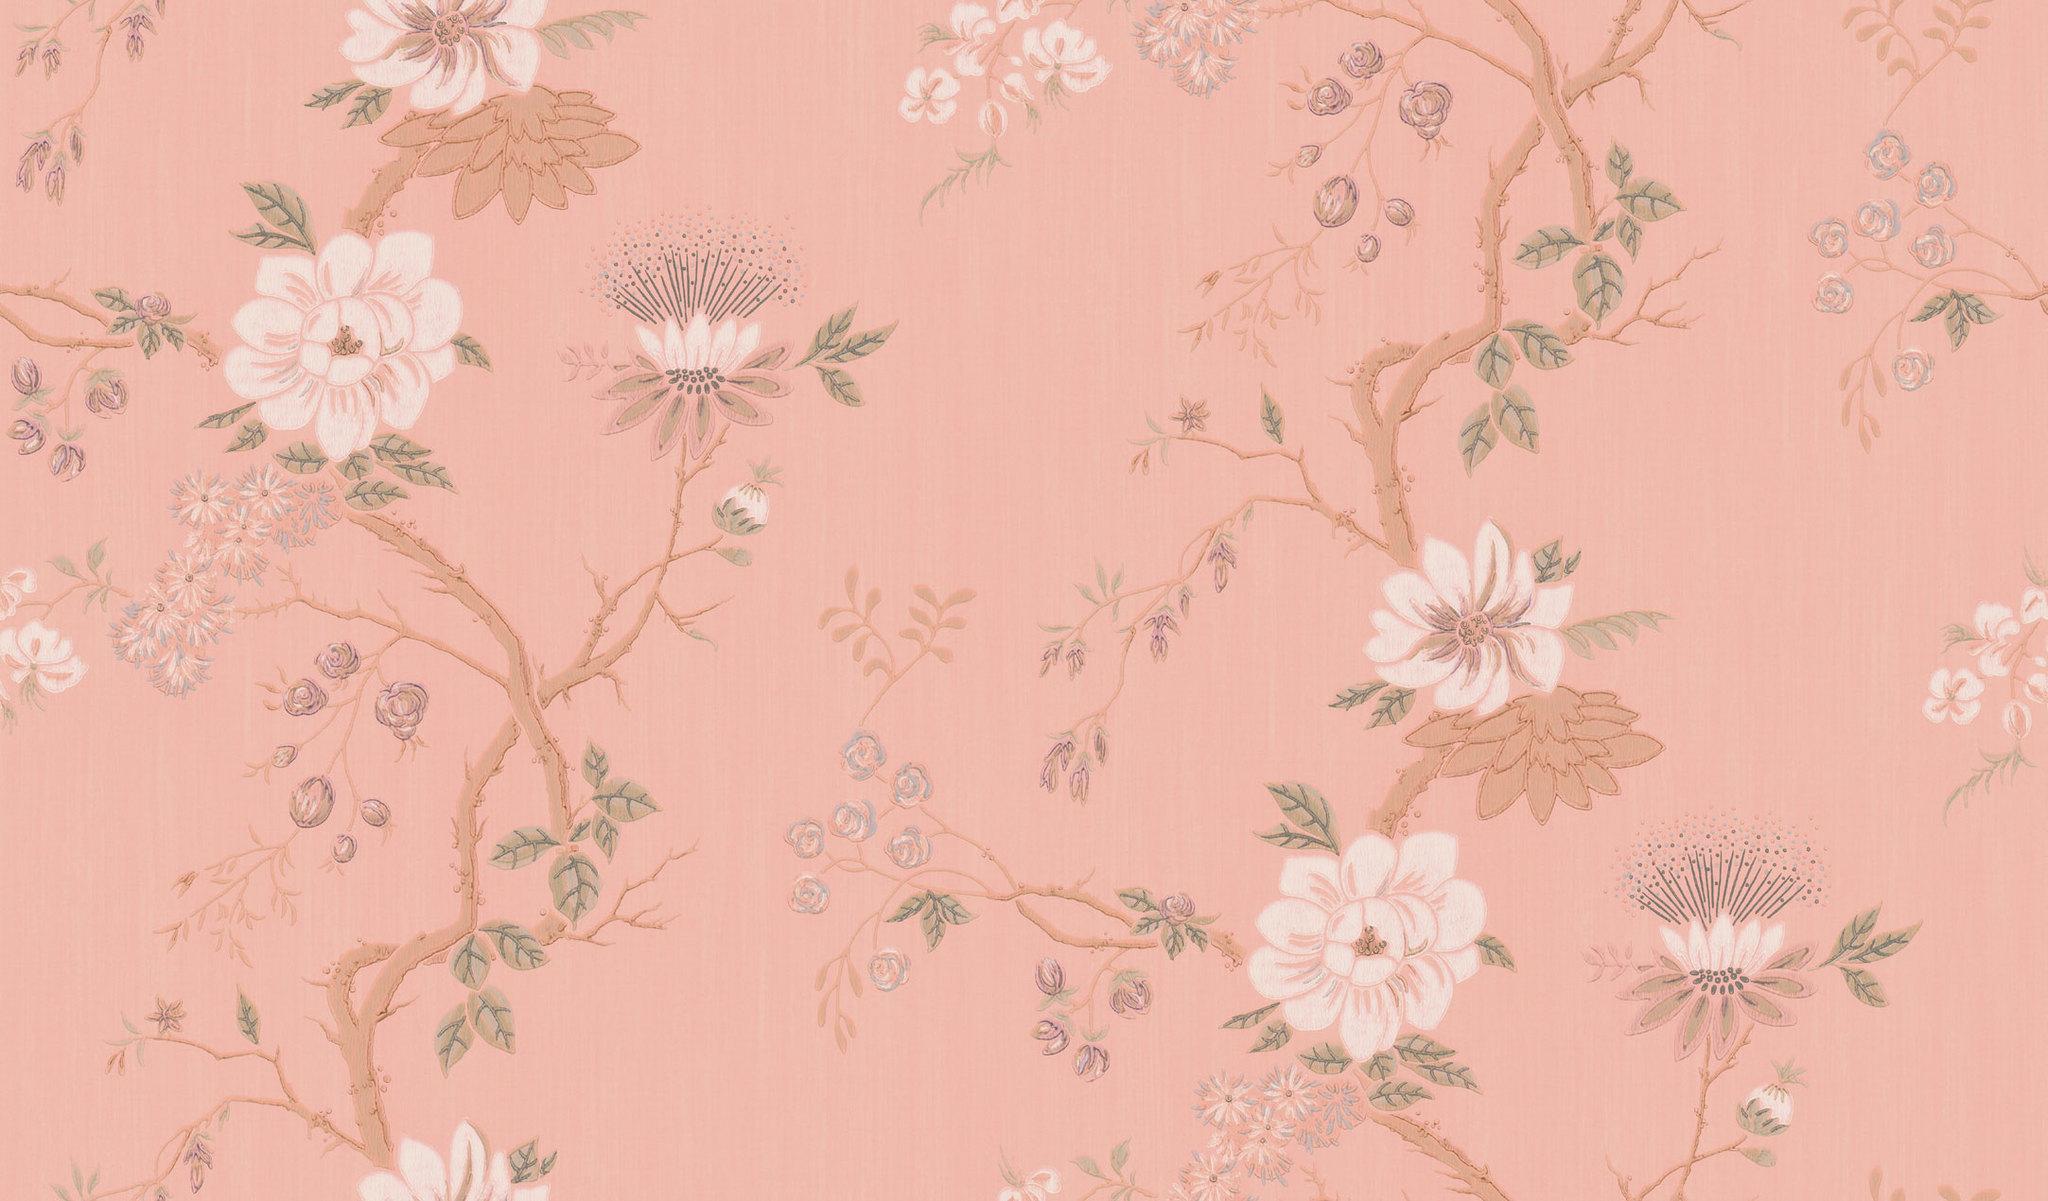 Обои Cole & Son Collection of Flowers 65/1004, интернет магазин Волео